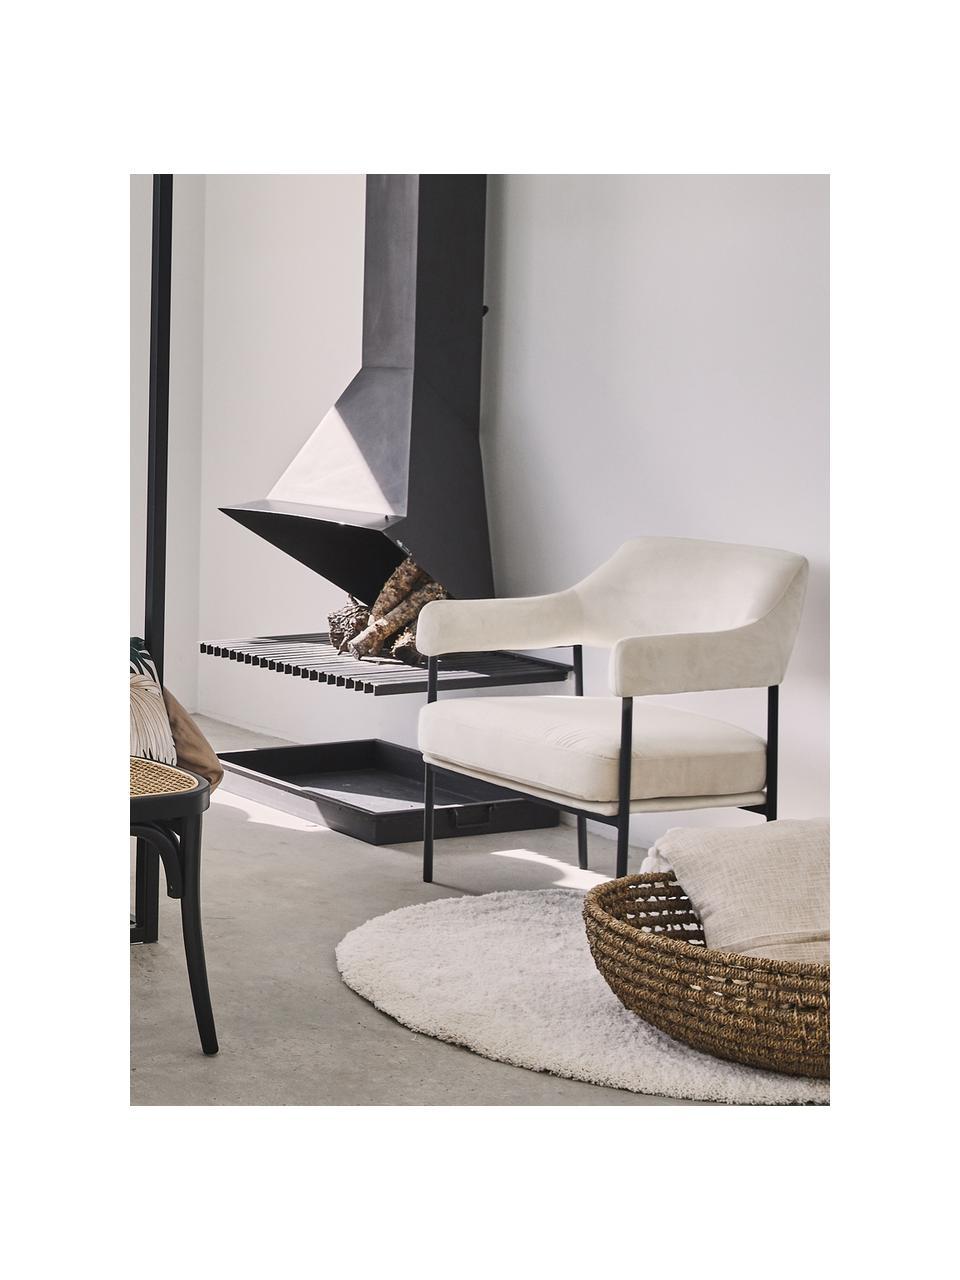 Fotel wypoczynkowy z aksamitu Zoe, Tapicerka: aksamit (poliester) Dzięk, Aksamitny kremowobiały, S 67 x G 66 cm